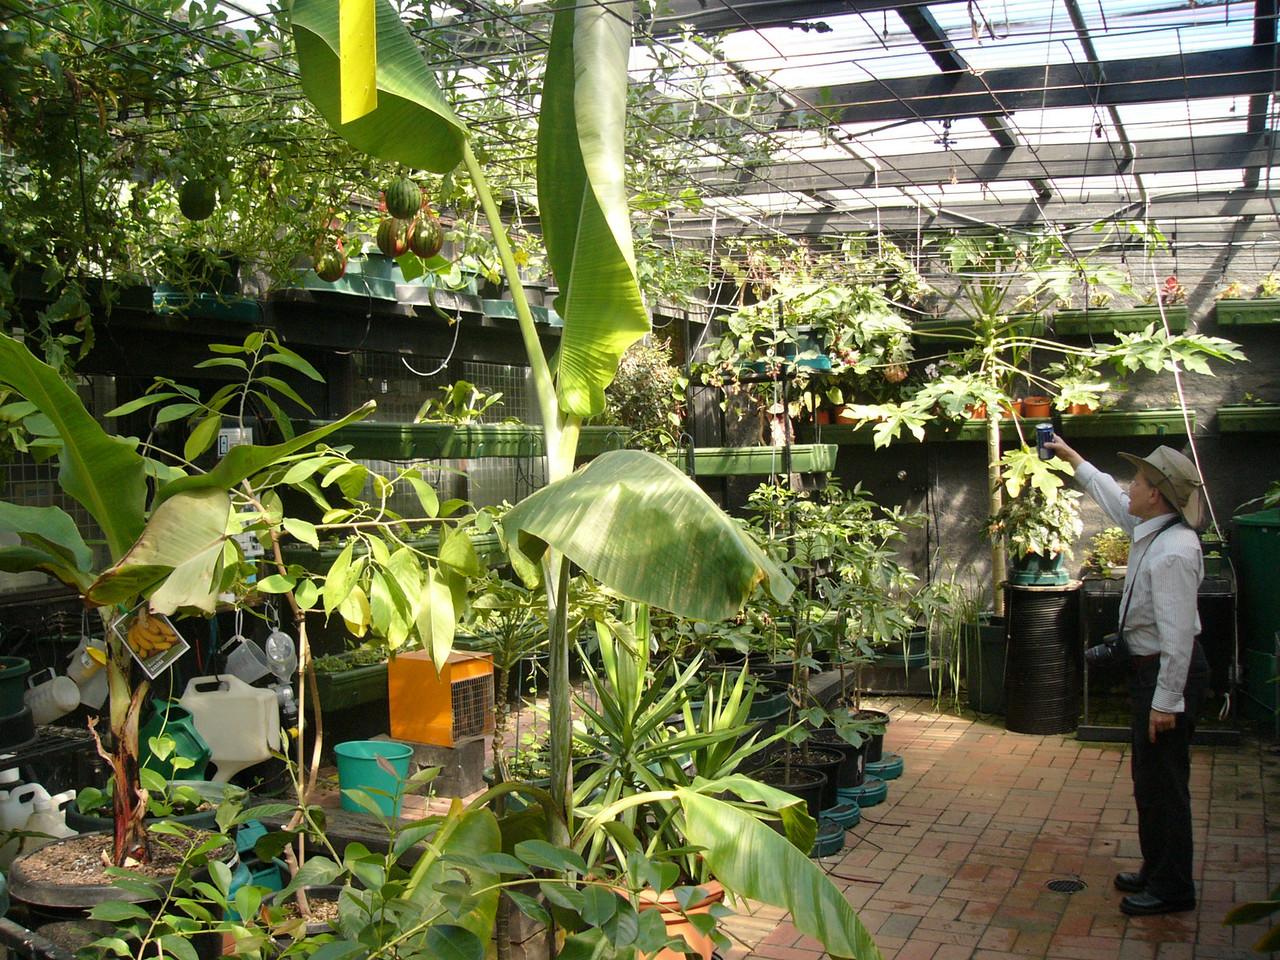 20070309_2553_Hydroponic garden at Gardenworld, Springvale Road